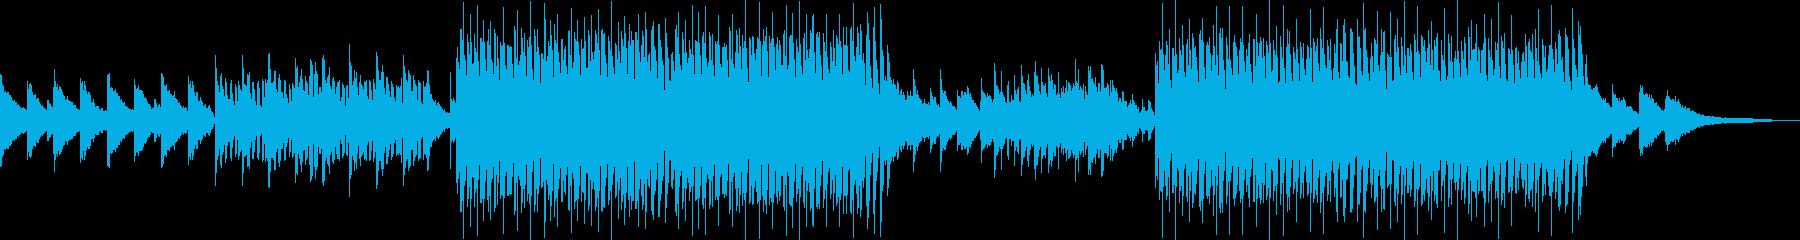 ★エモいエレクトロ POP (お洒落)の再生済みの波形